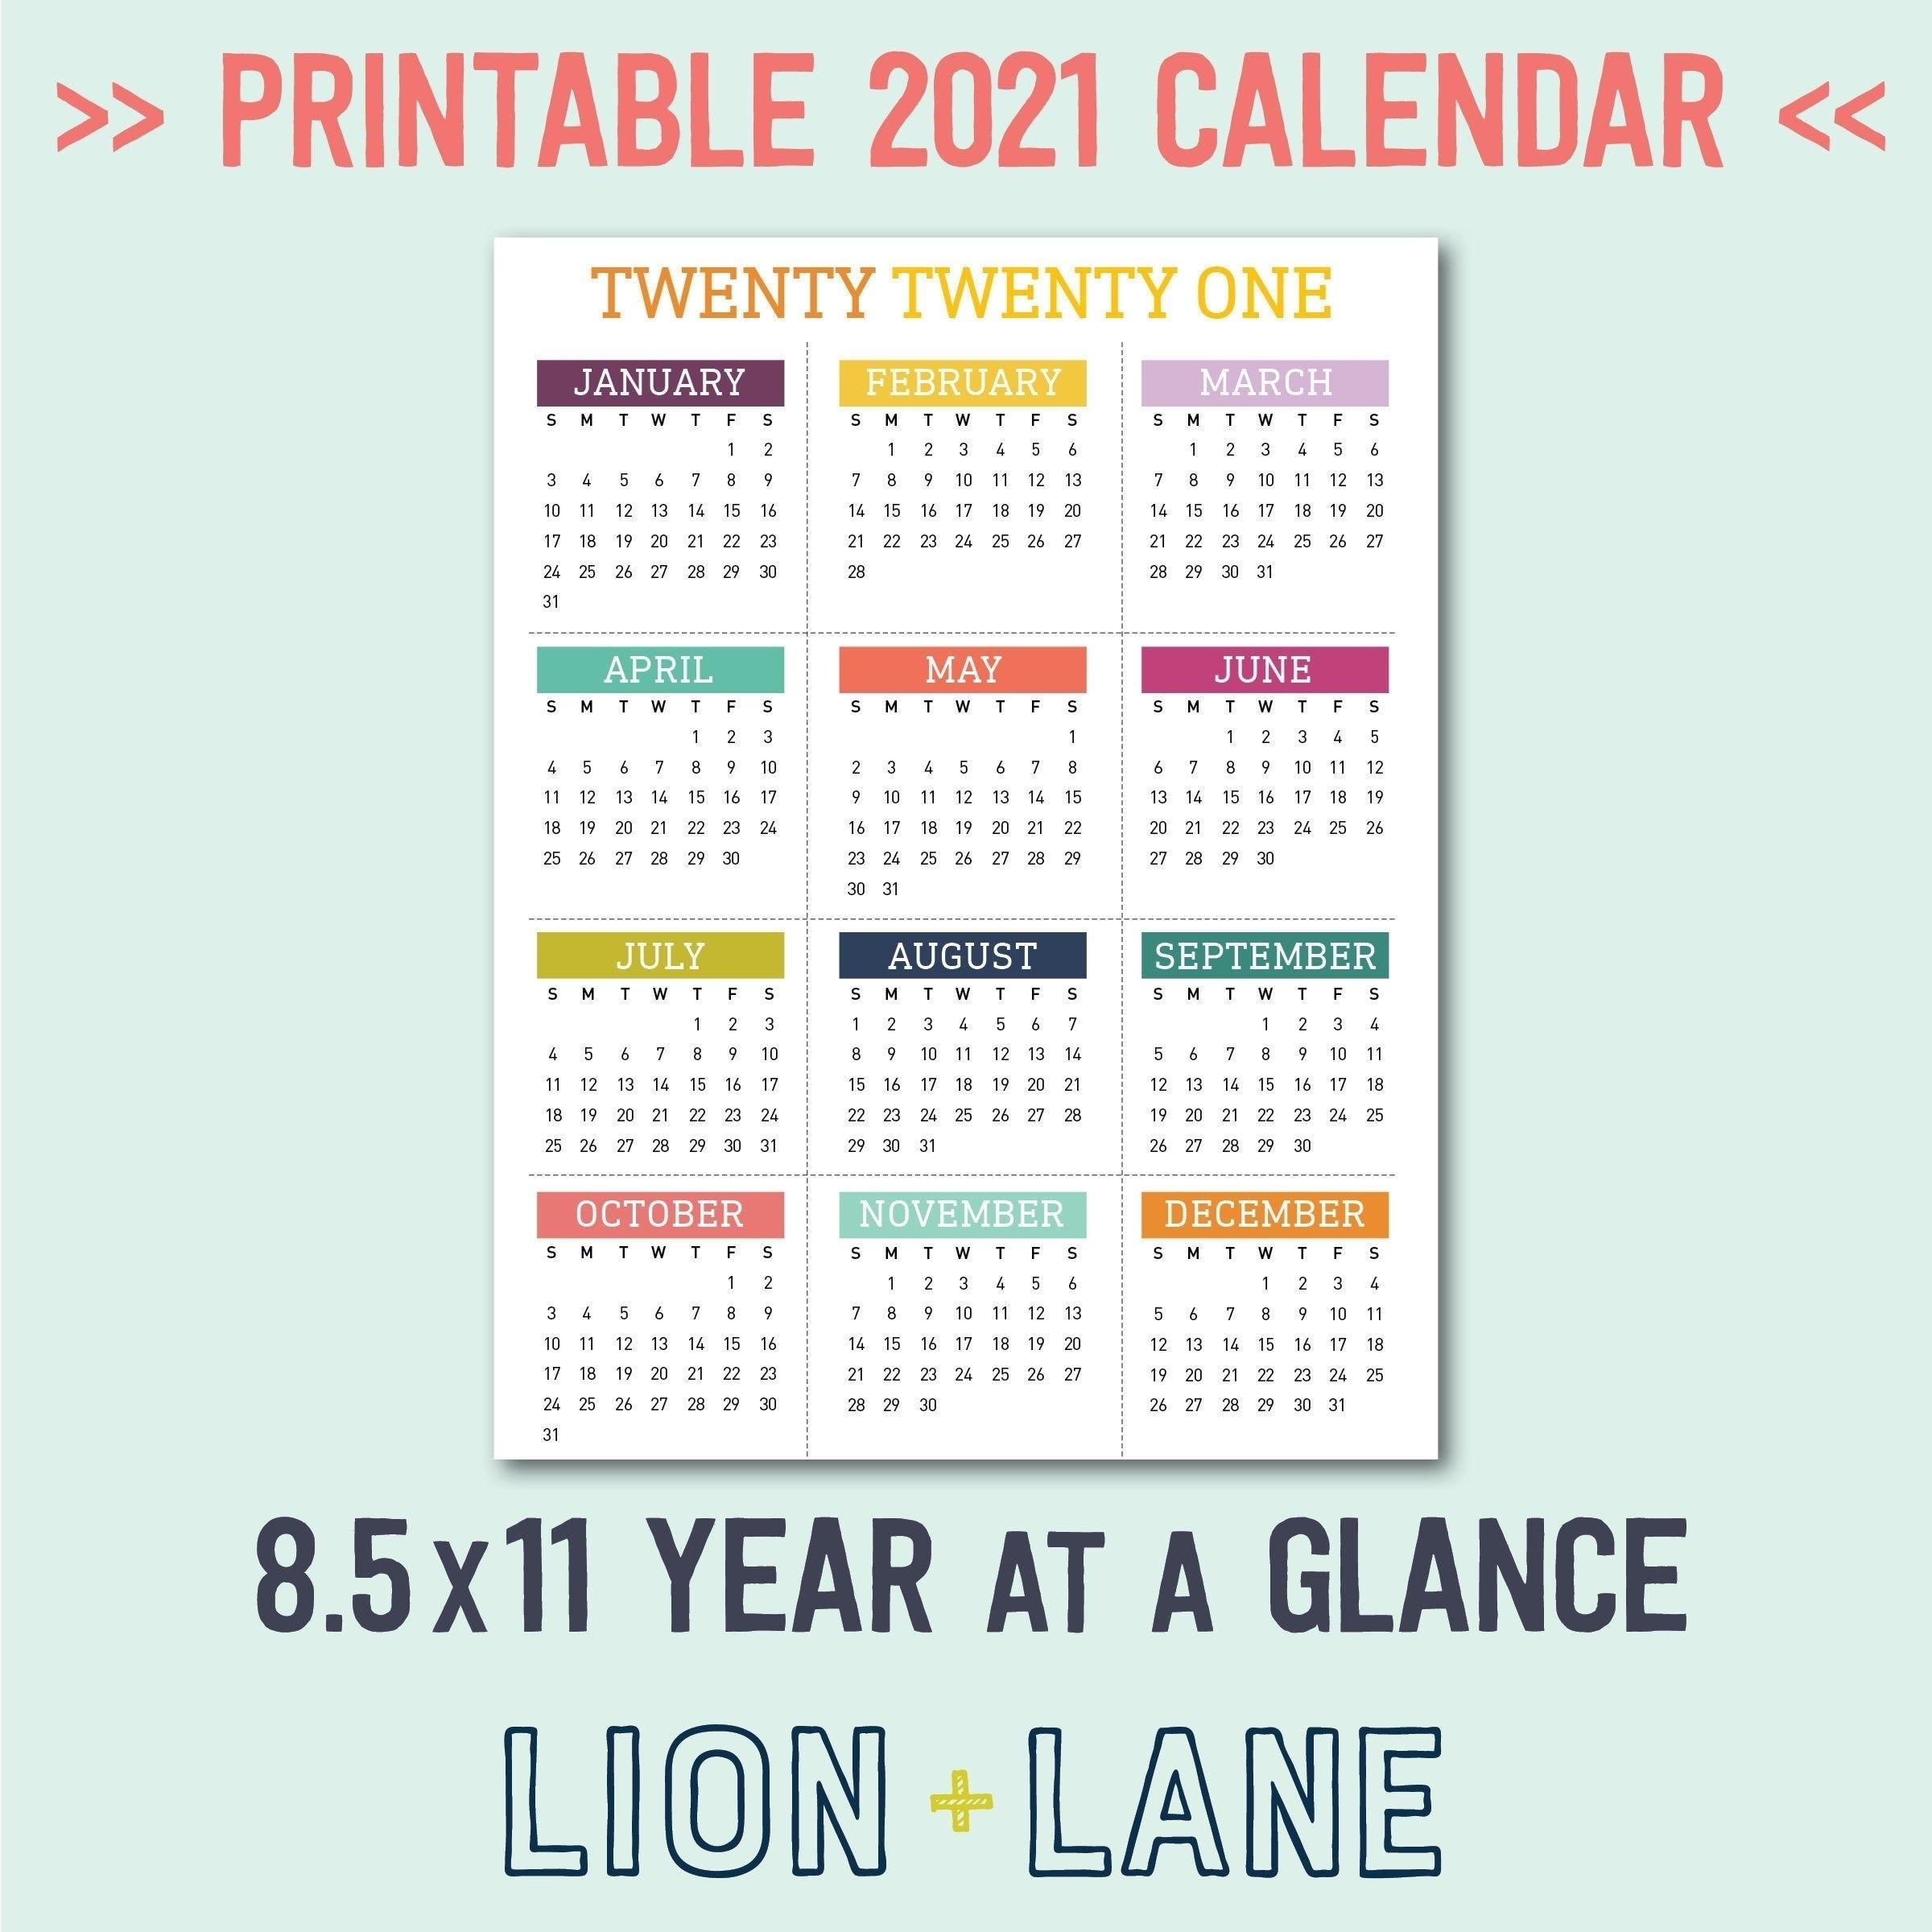 Free National Day Calendar 2021 - Calendar Inspiration Design